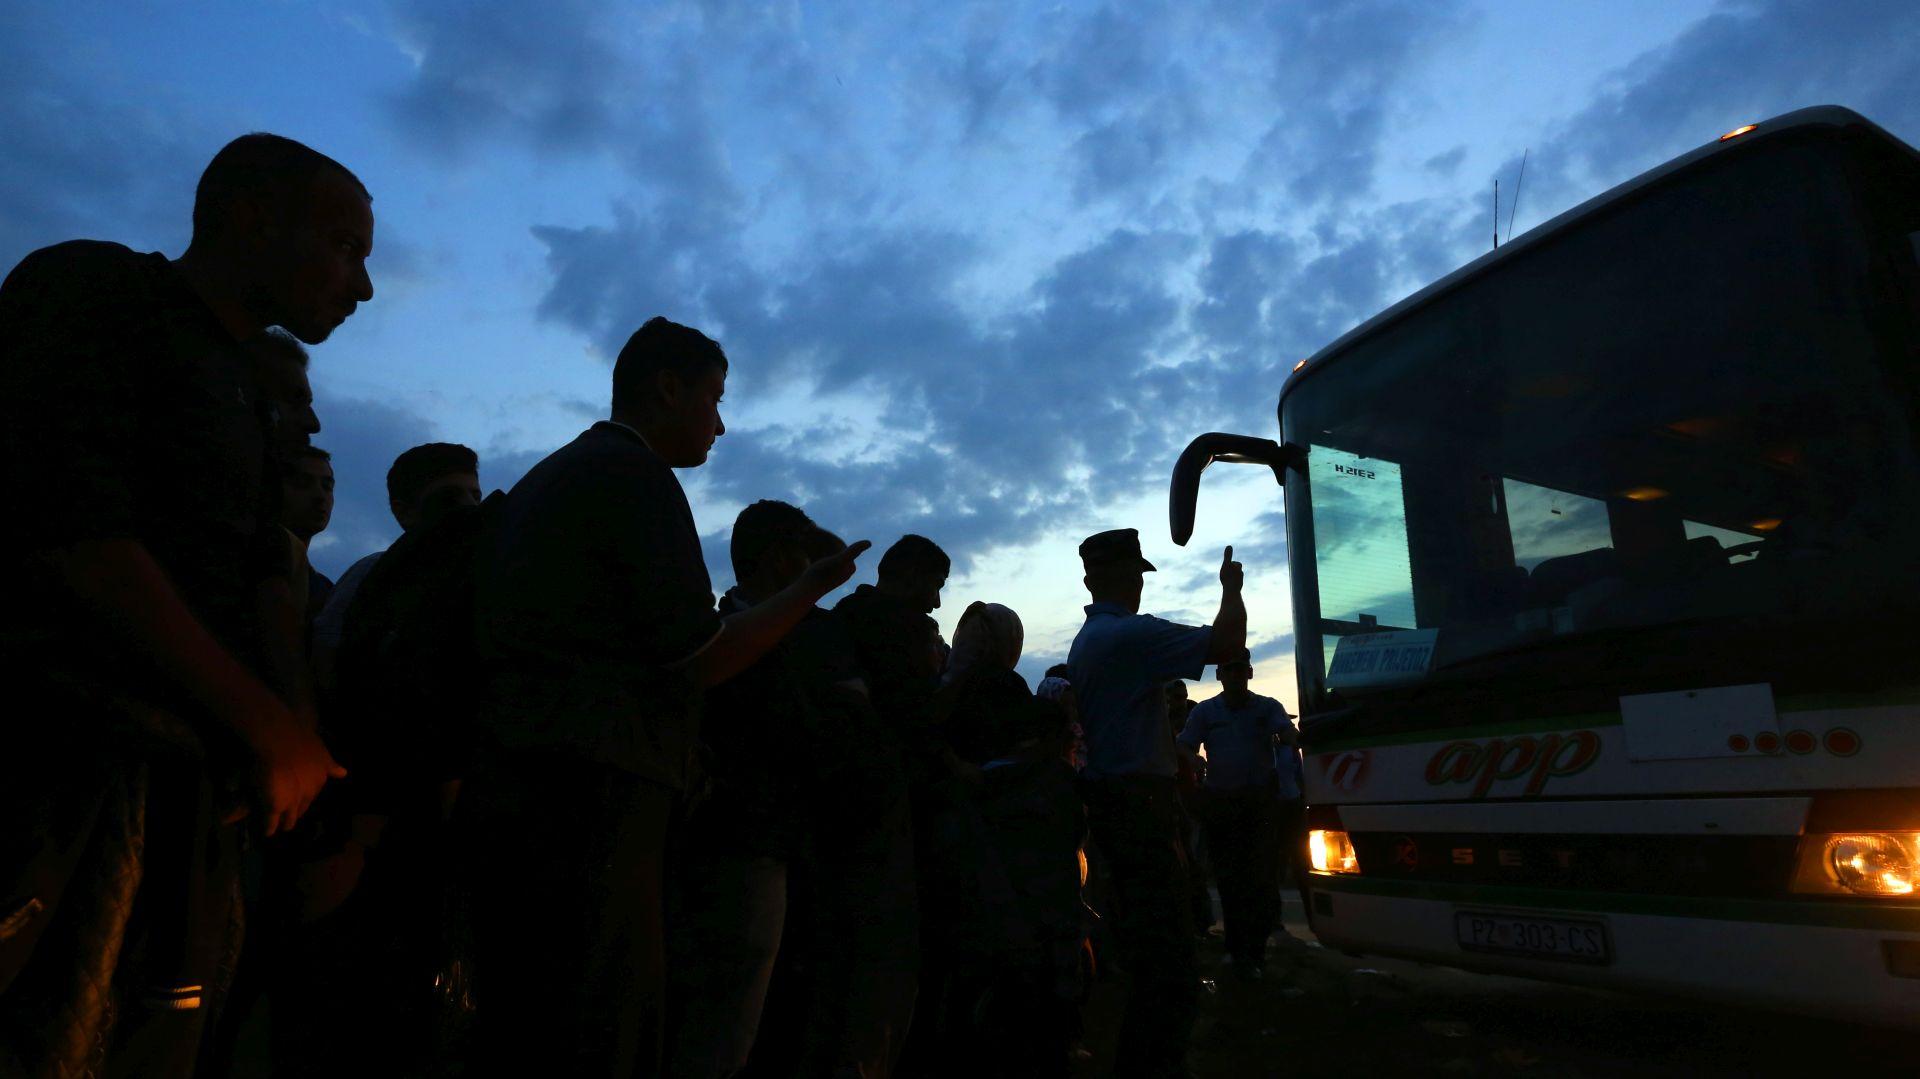 MUP Samo danas u Hrvatsku ušlo gotovo 1600 ljudi, od početka krize 598 tisuća